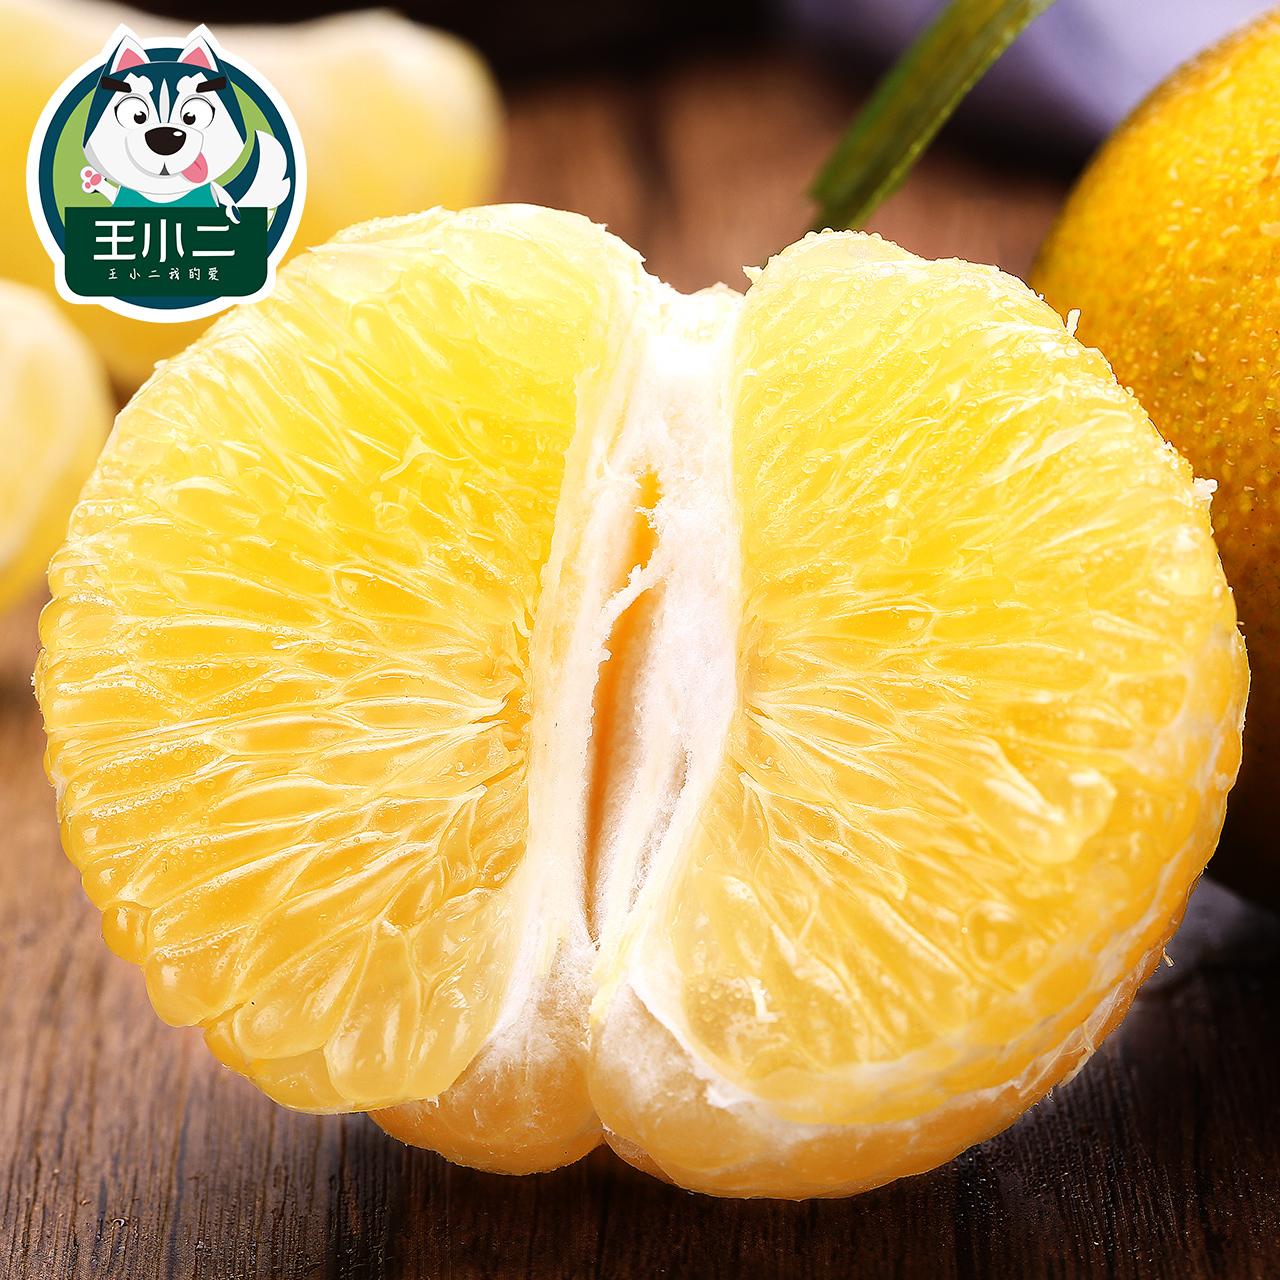 广西皇帝柑大果橘子新鲜水果包邮当季整箱贡柑桔子蜜桔柑橘5斤10